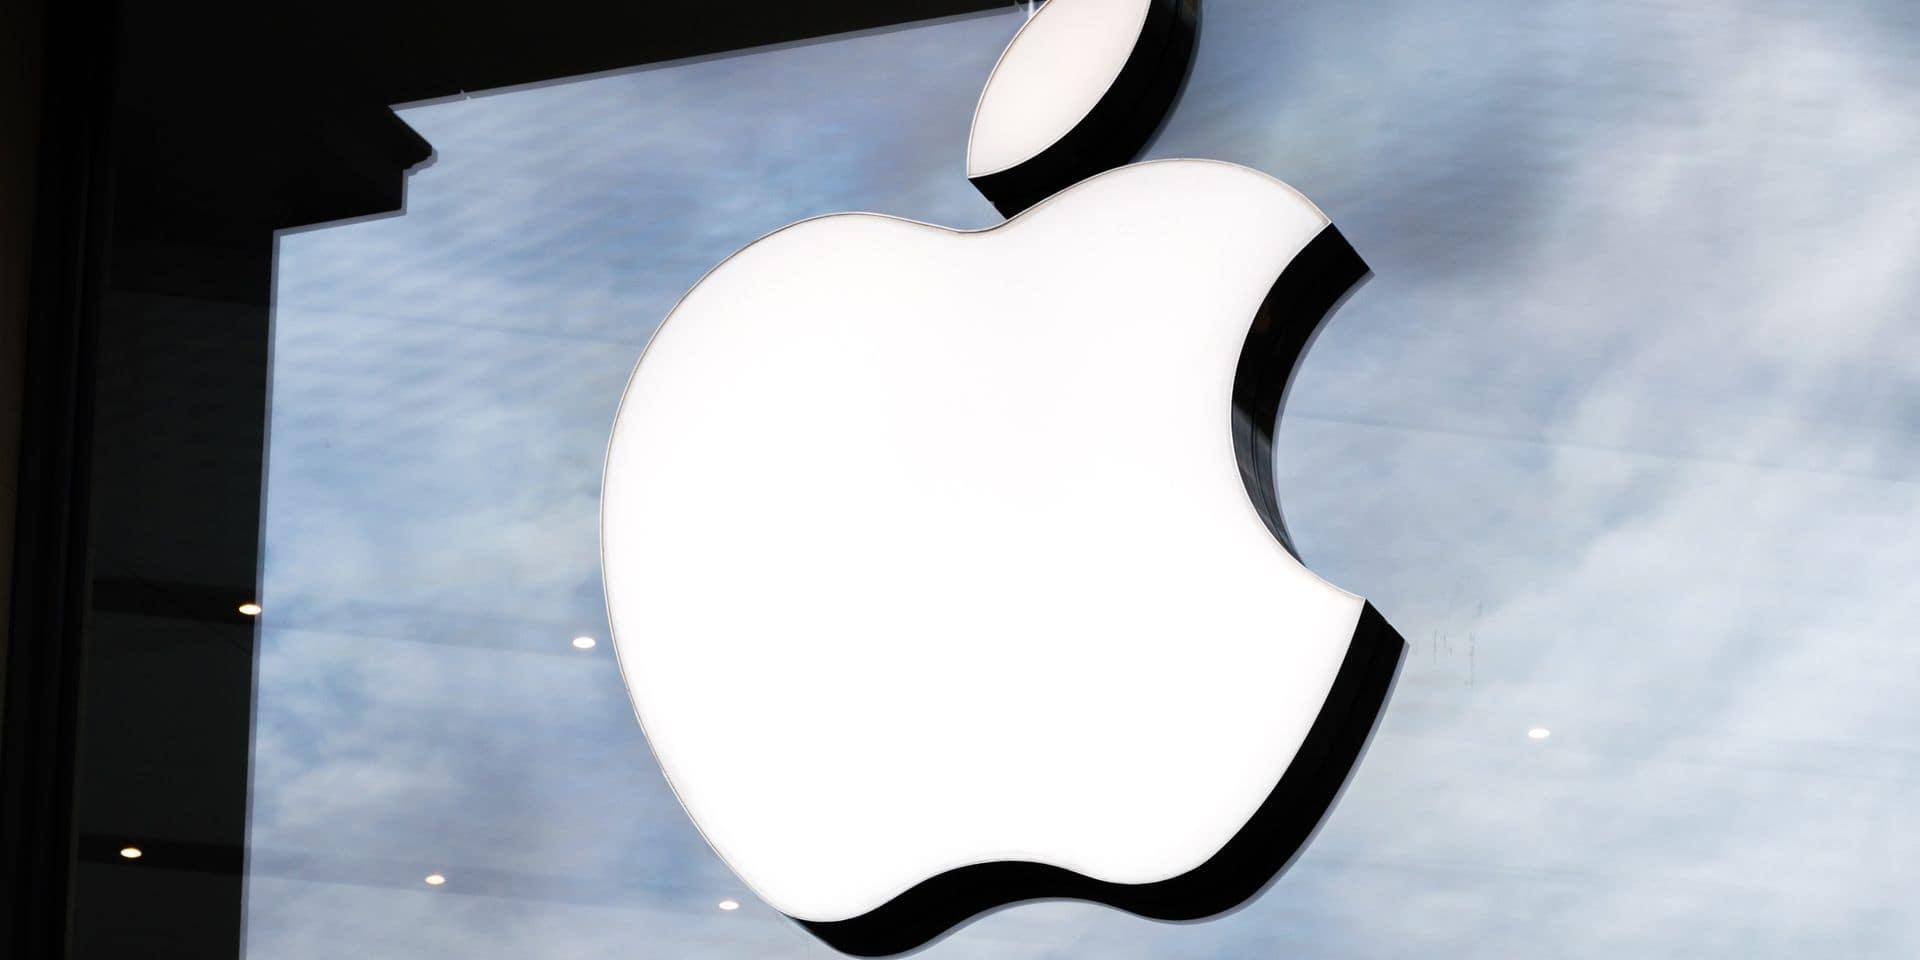 Apple alloue 200 millions de dollars à un fonds en faveur du climat